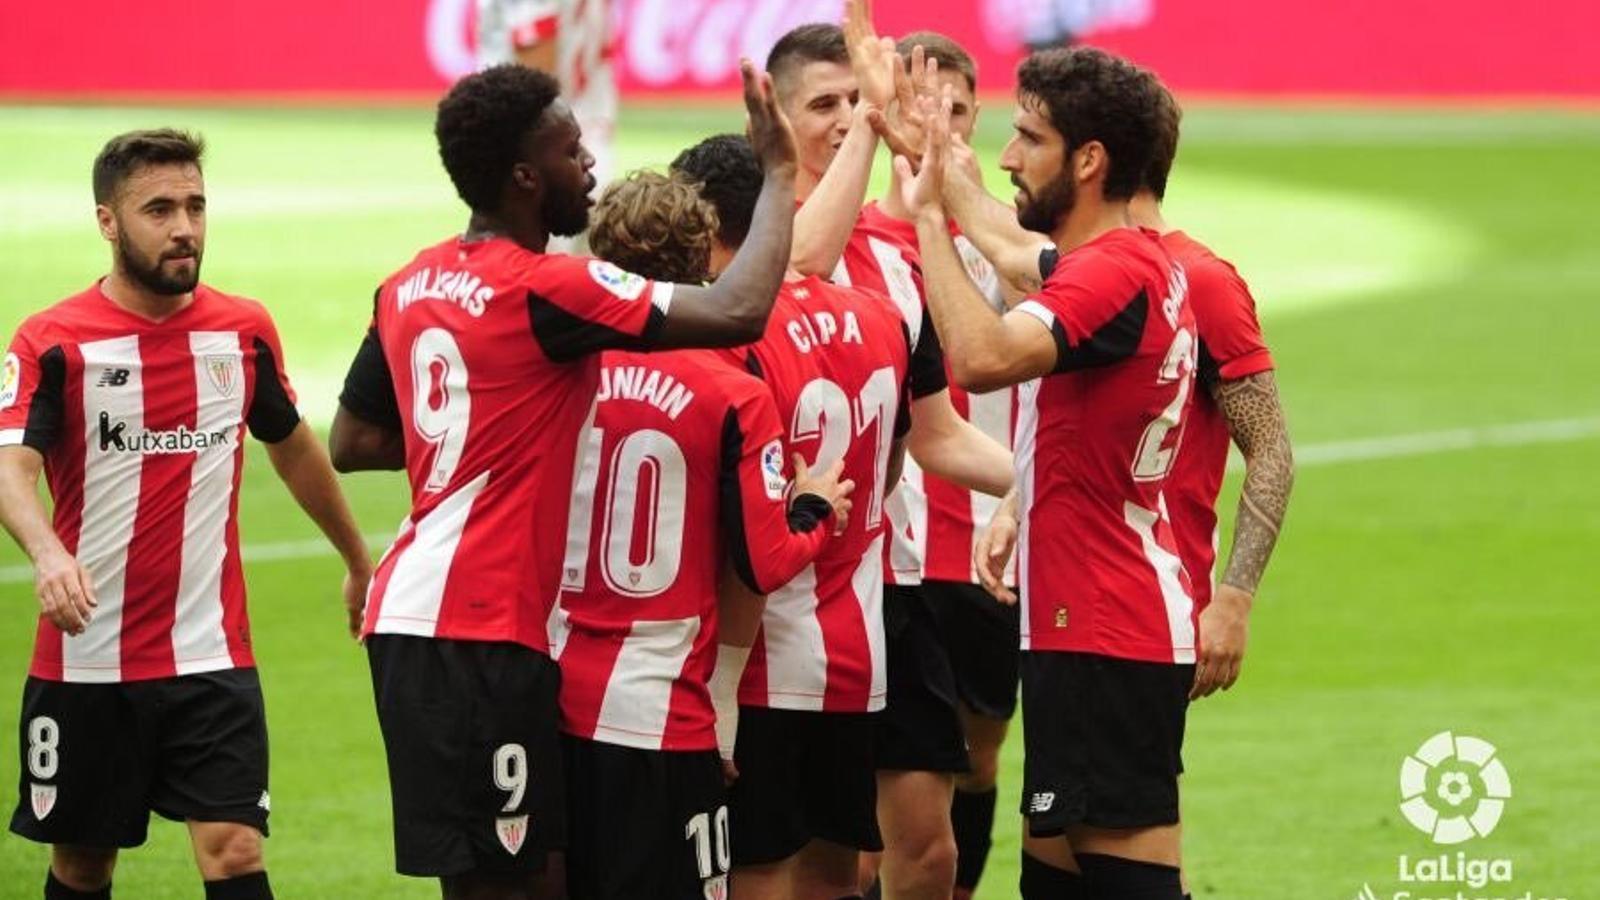 Els jugadors de l'Athletic Club celebren un dels gols anotats contra el Mallorca.